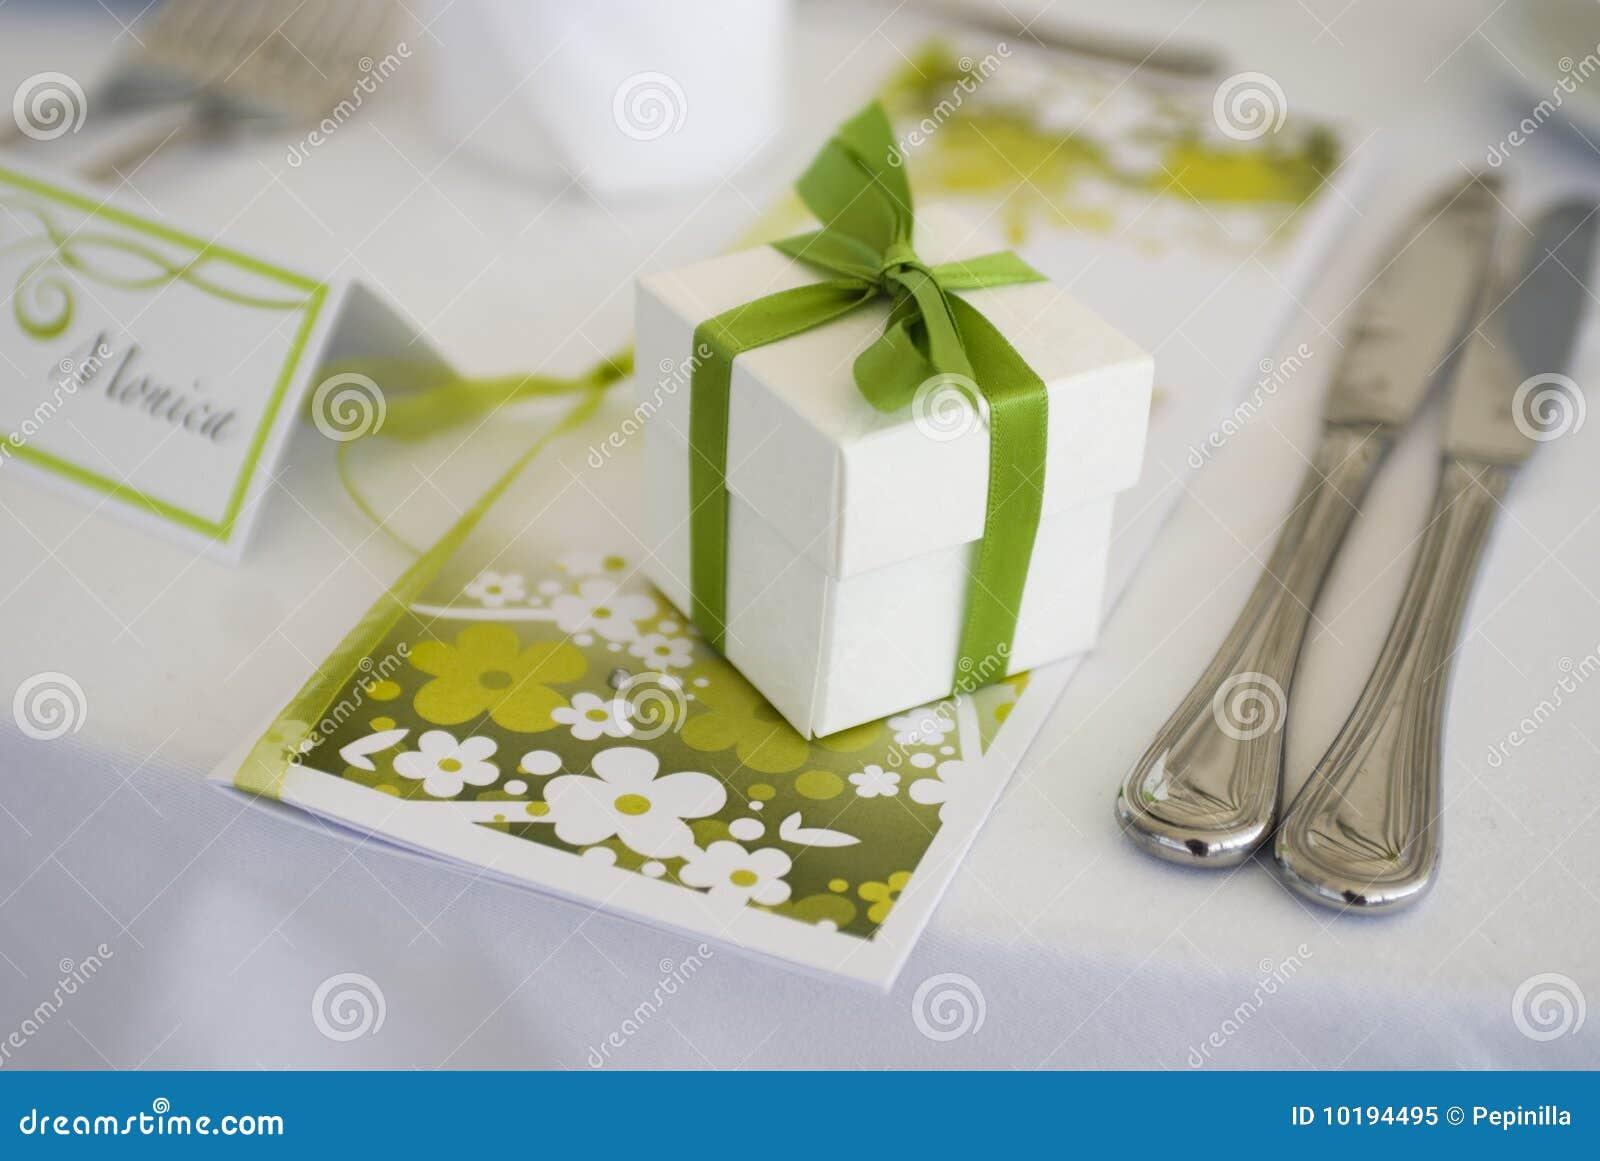 De decoratie van de lijst voor huwelijk royalty vrije stock foto afbeelding 10194495 - Decoratie van de villas ...